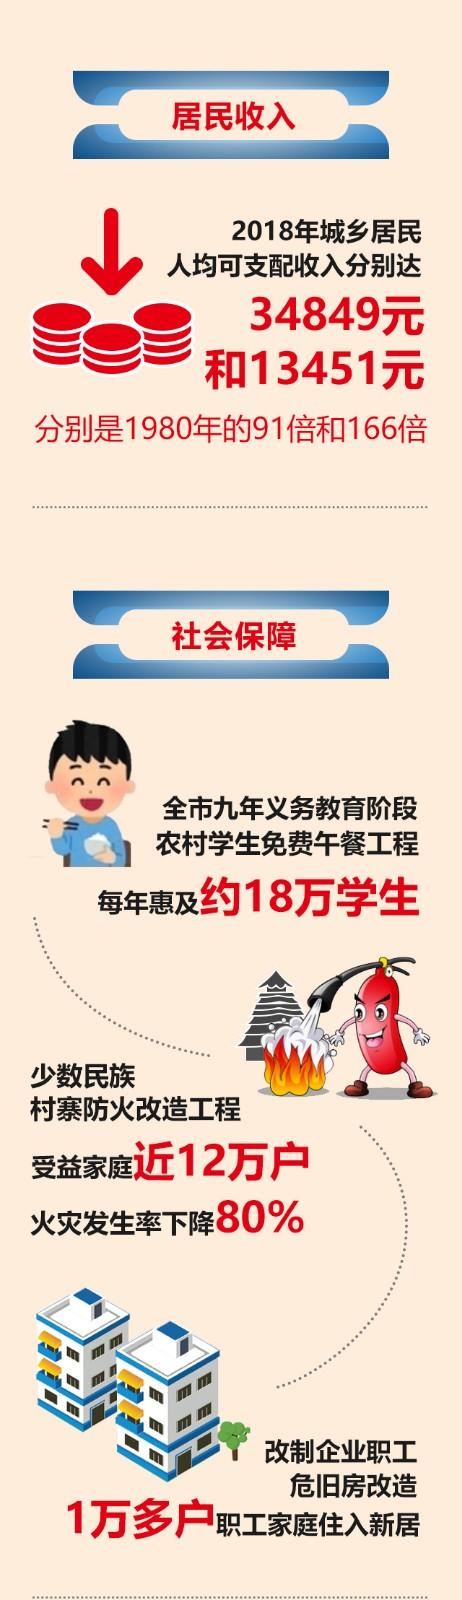 柳州辉煌70年_05.jpg